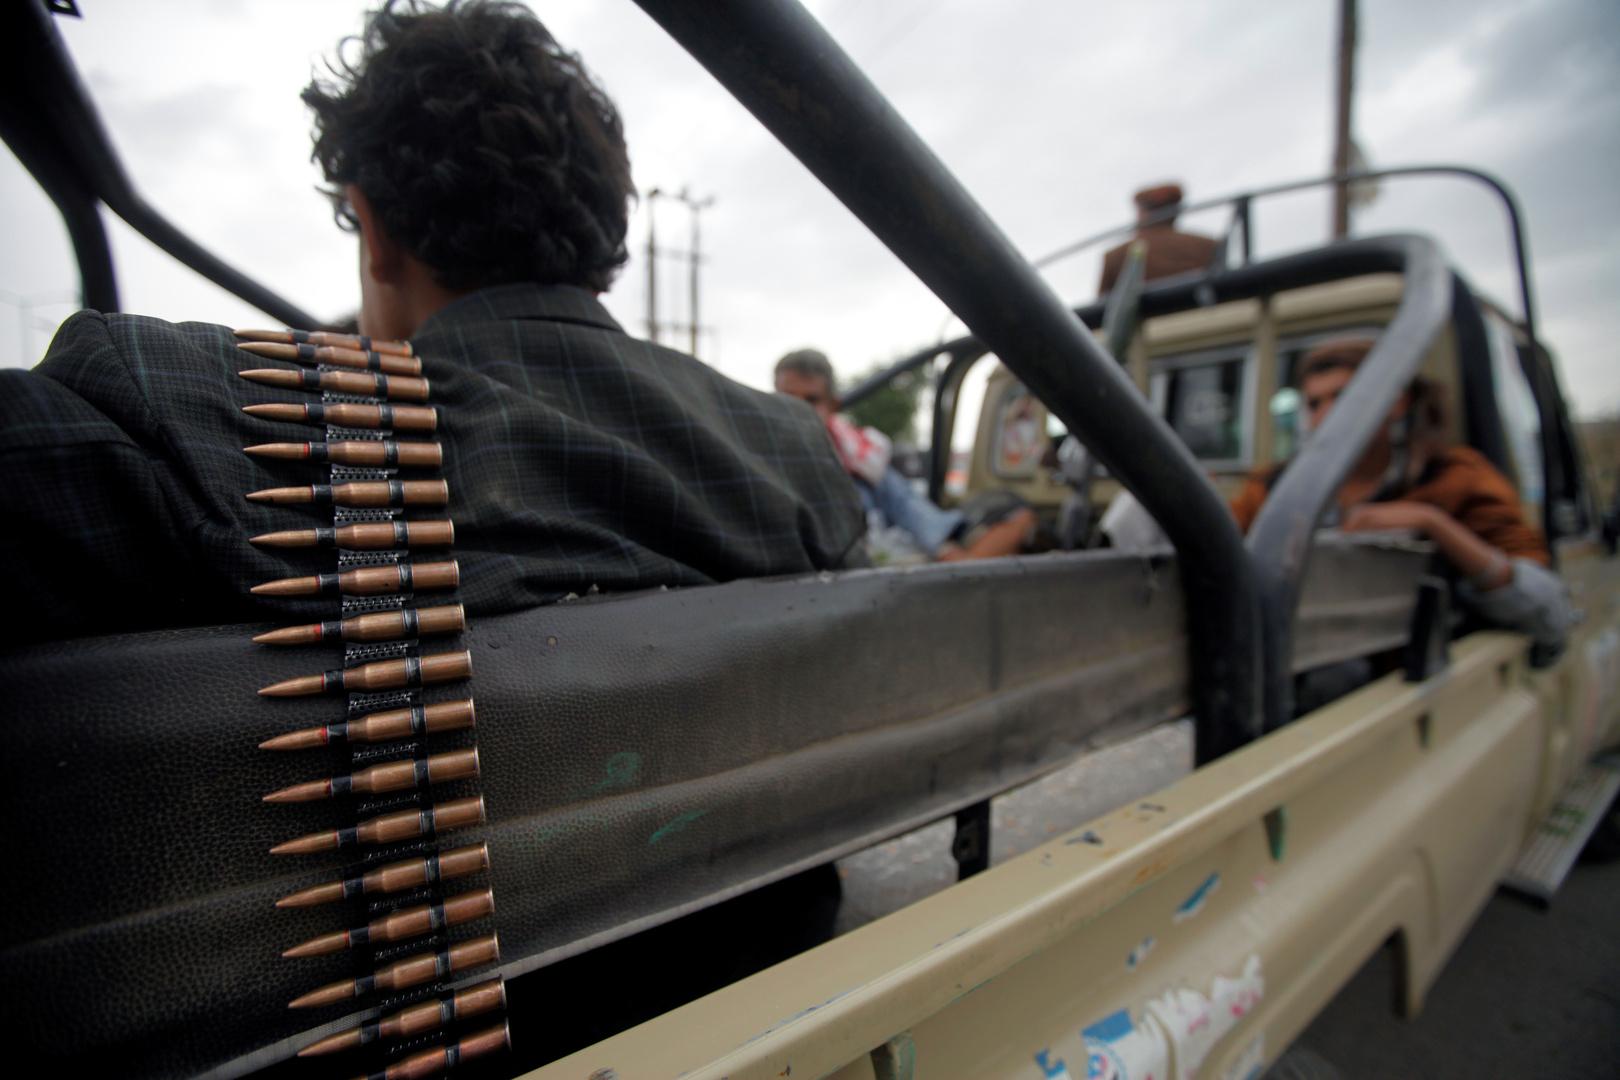 التحالف العربي: اعتراض وتدمير صاروخ باليستي أطلقه الحوثيون باتجاه جازان